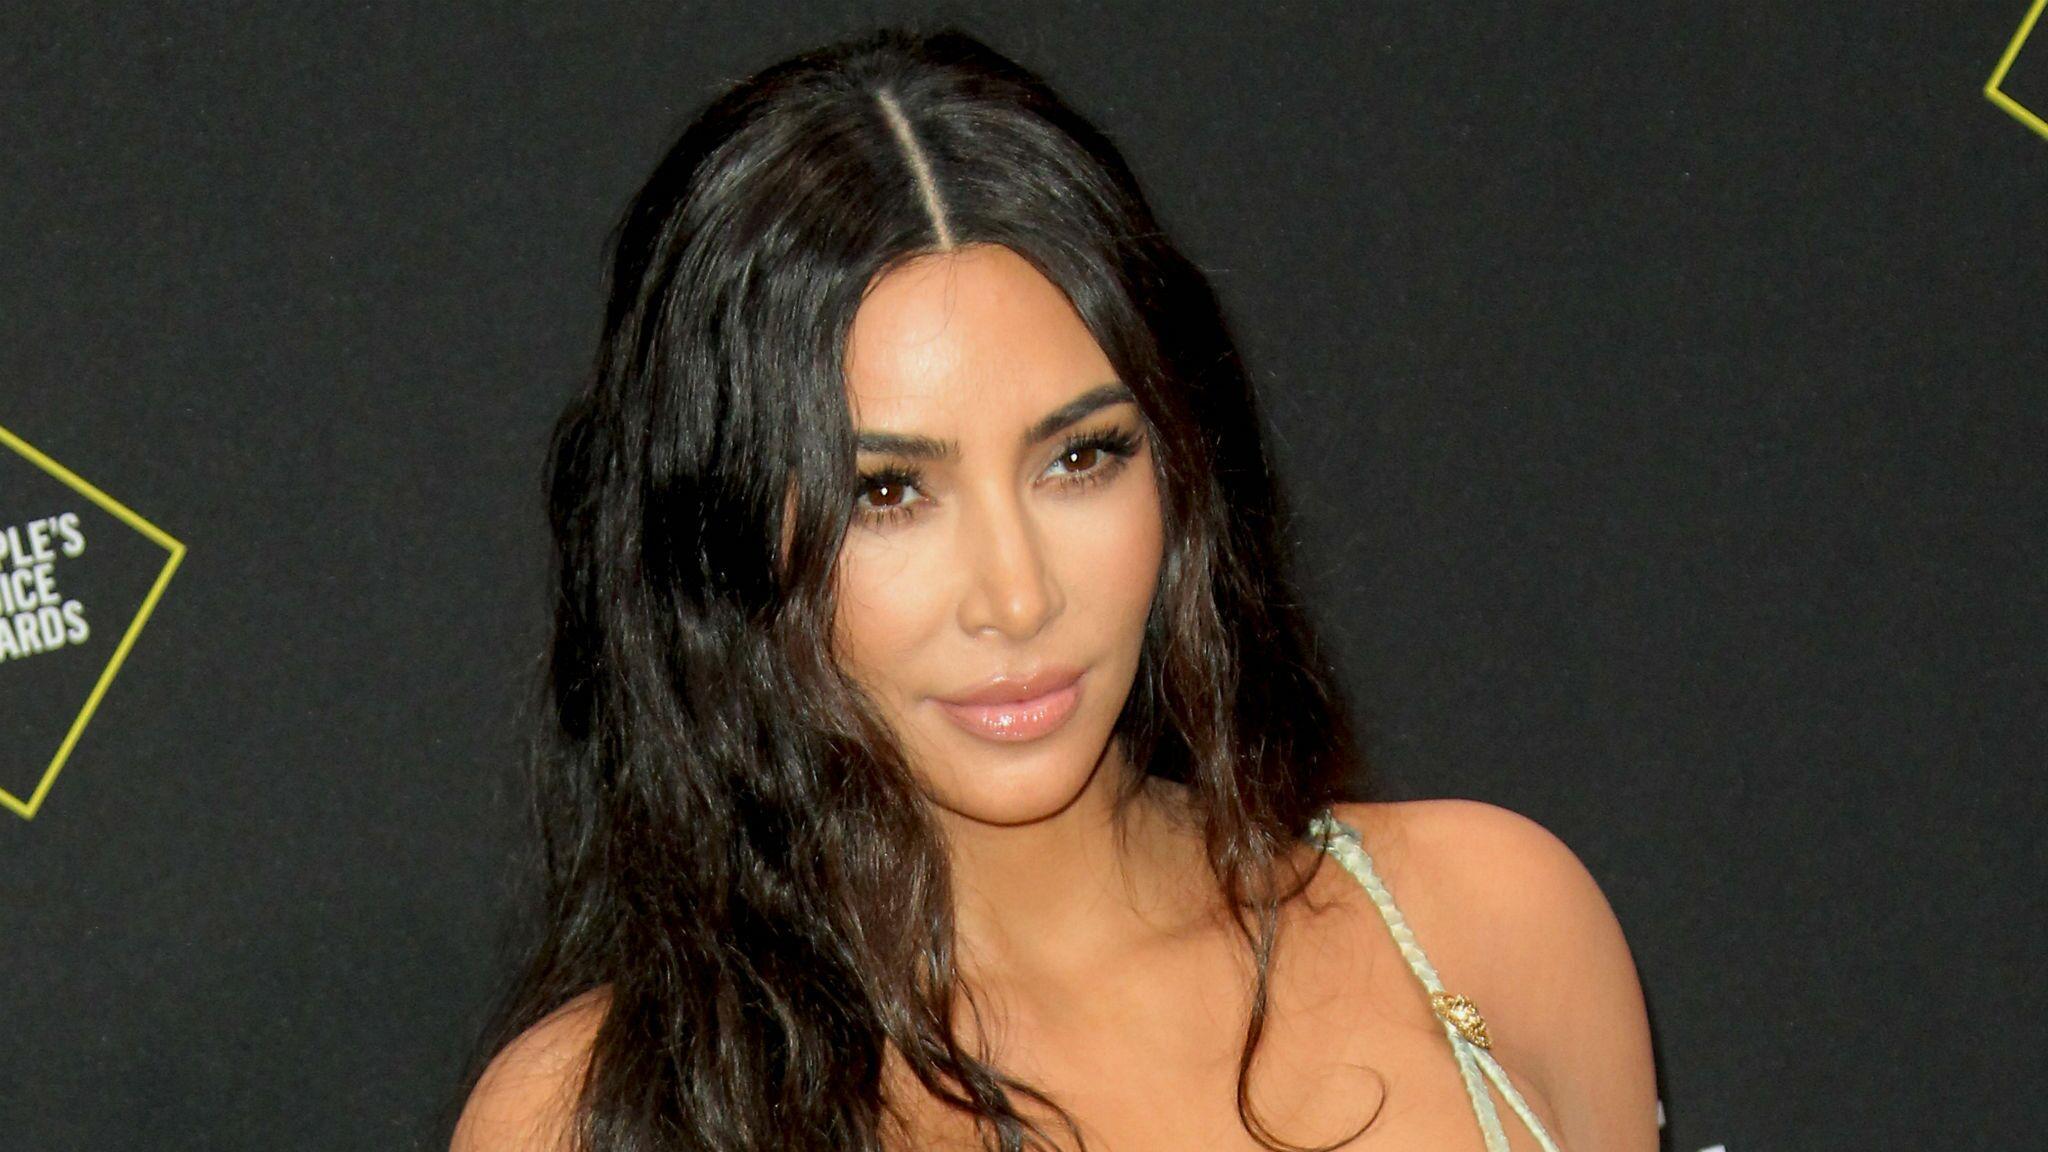 PHOTO Kim Kardashian : Pour les quatre ans de son fils Saint, elle publie un vibrant message sur Instagram